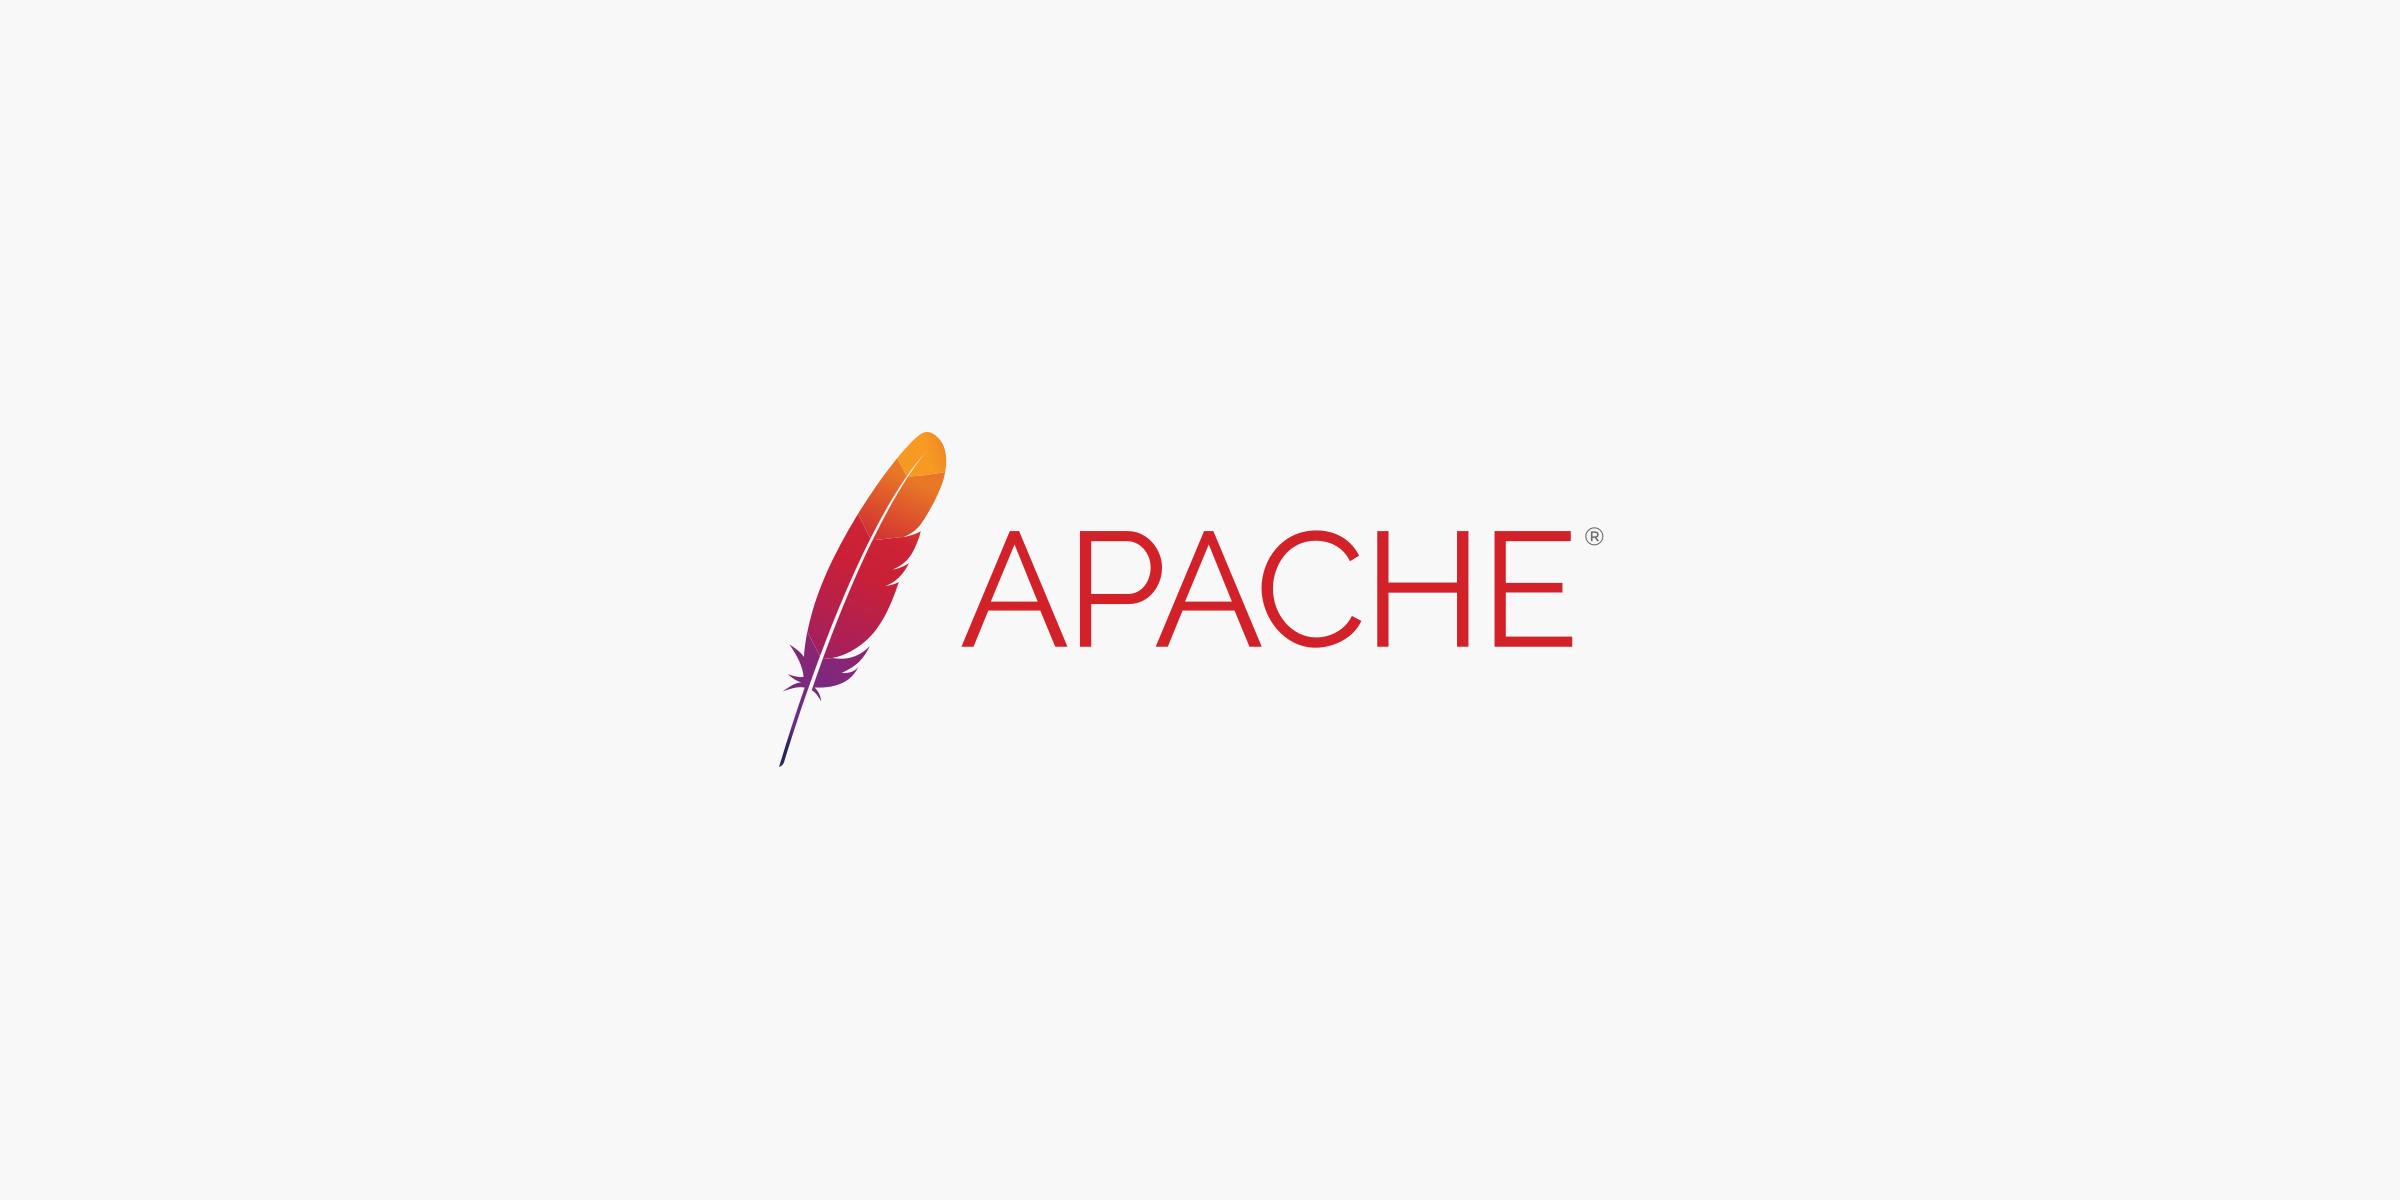 Apache Logo In Twitter Header Logo For OFBiz